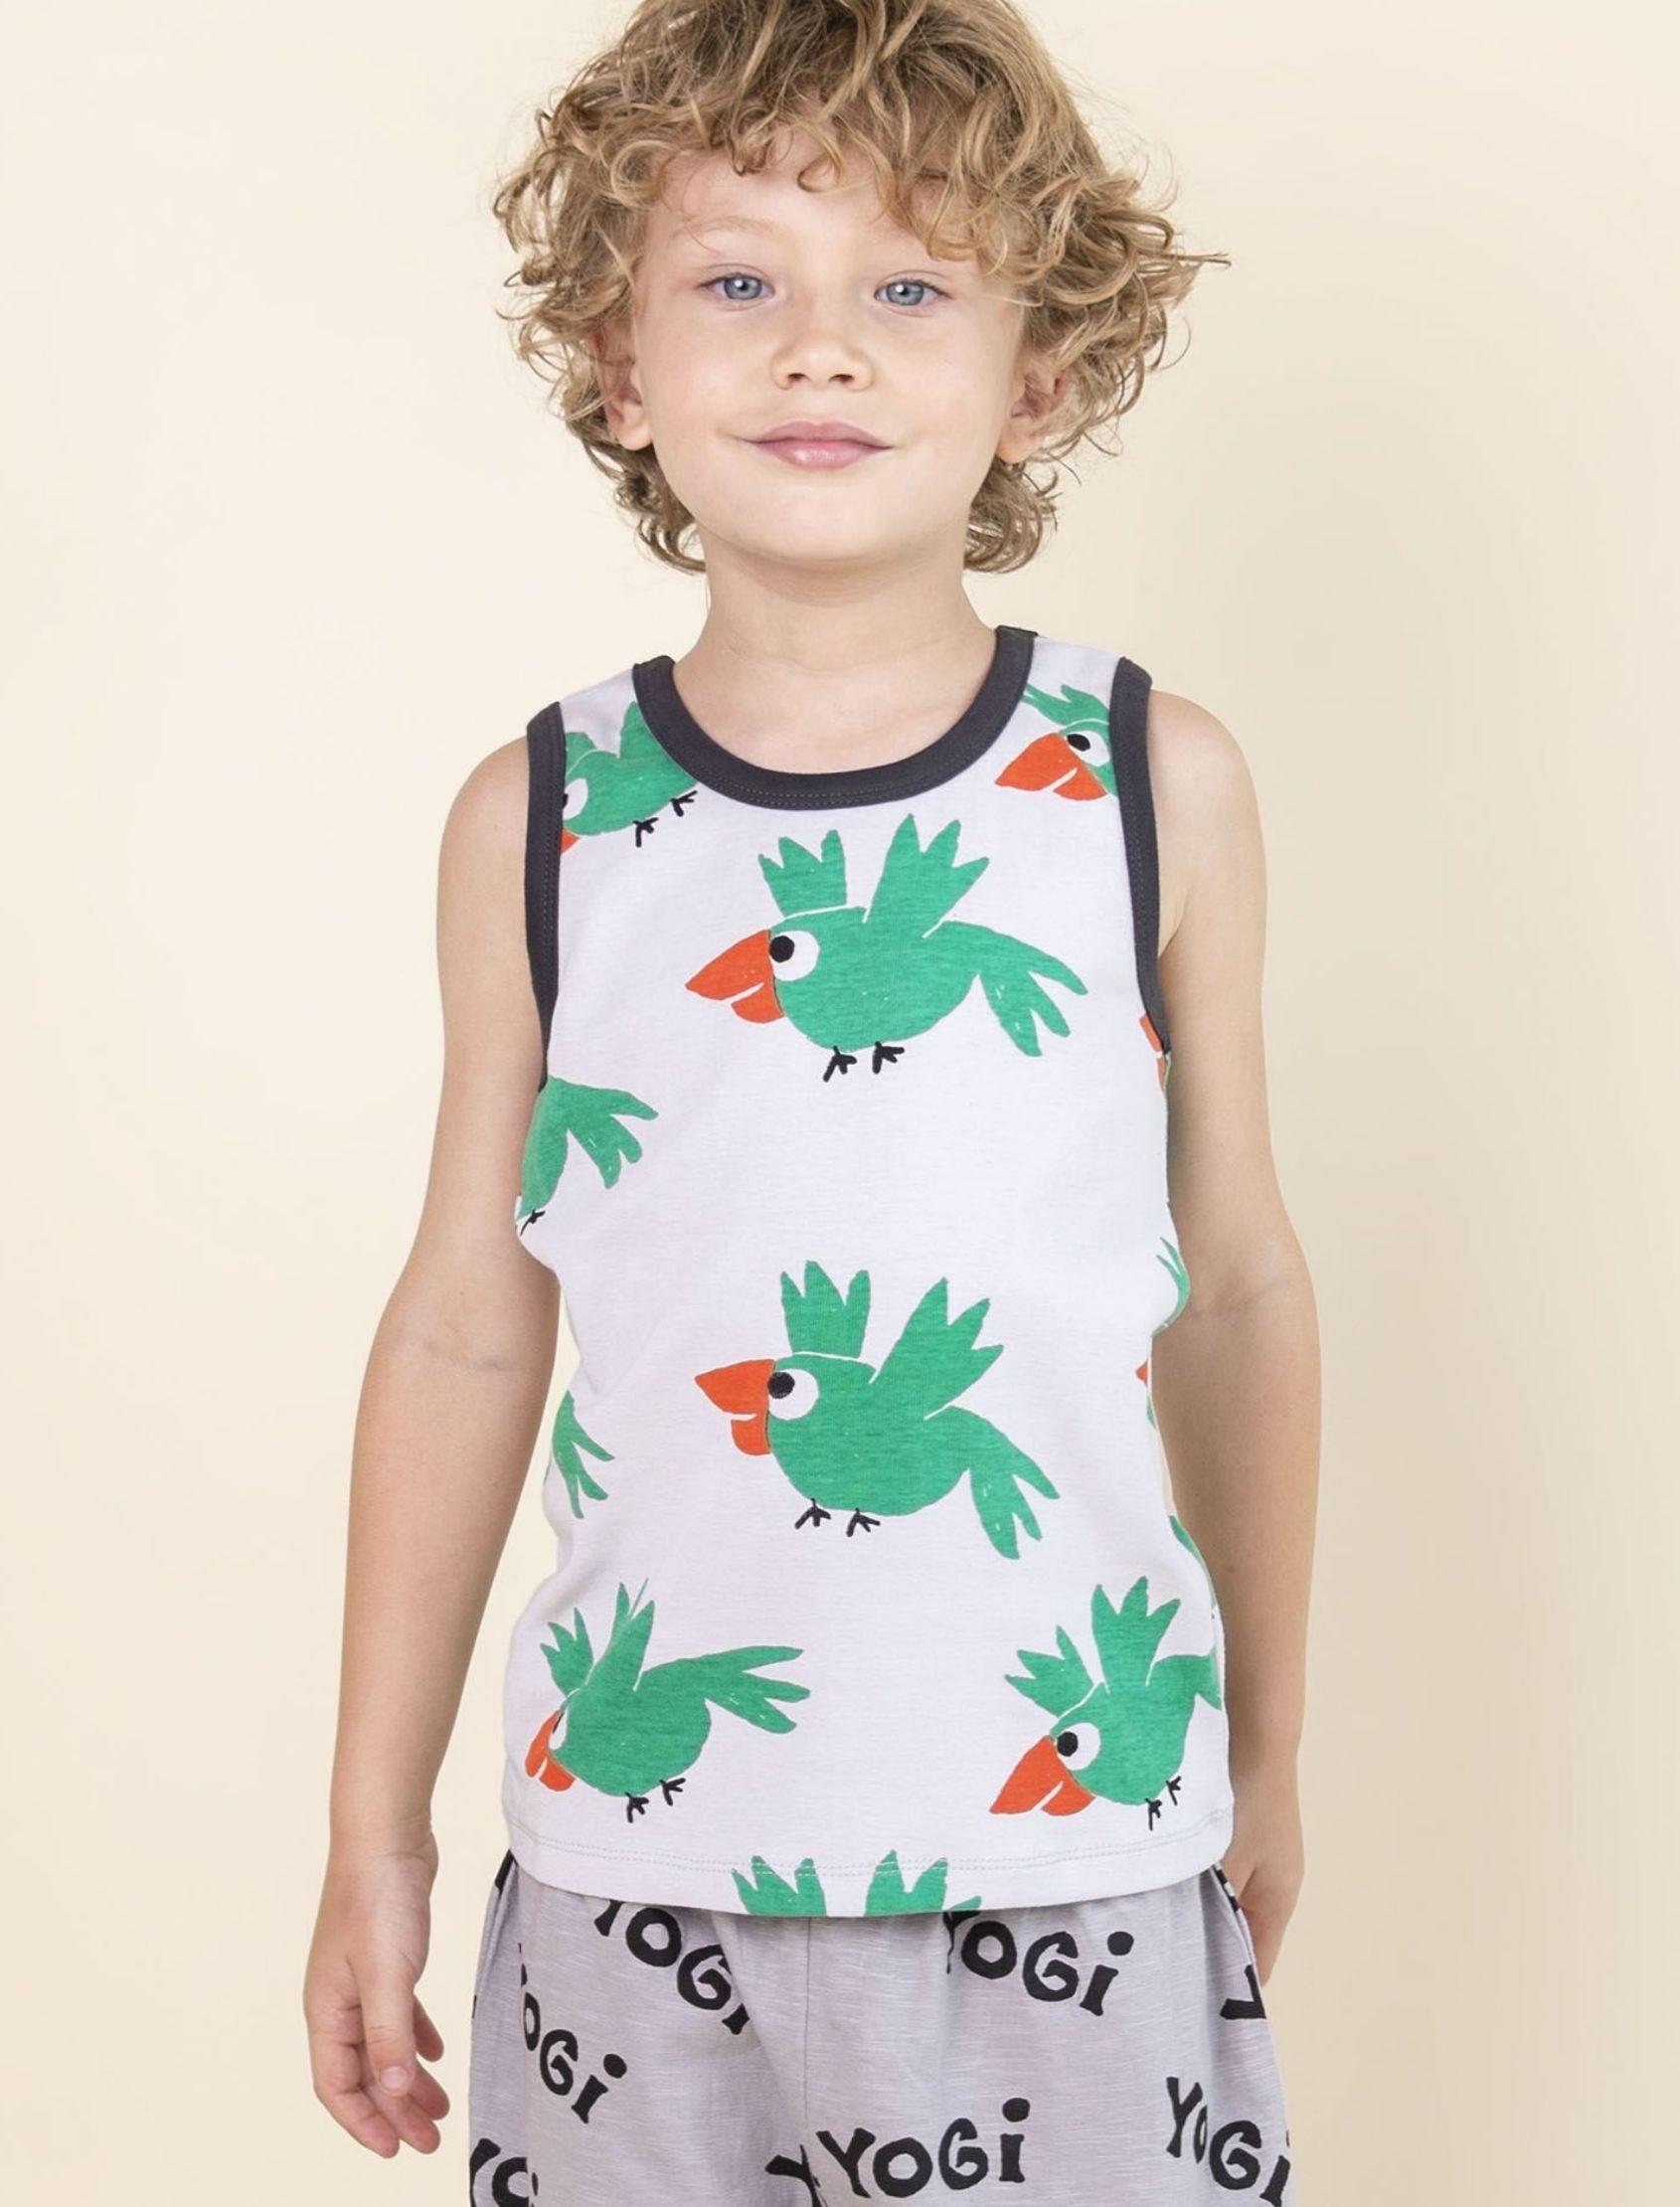 camiseta de niño de tirantes con estampado de pájaros verde